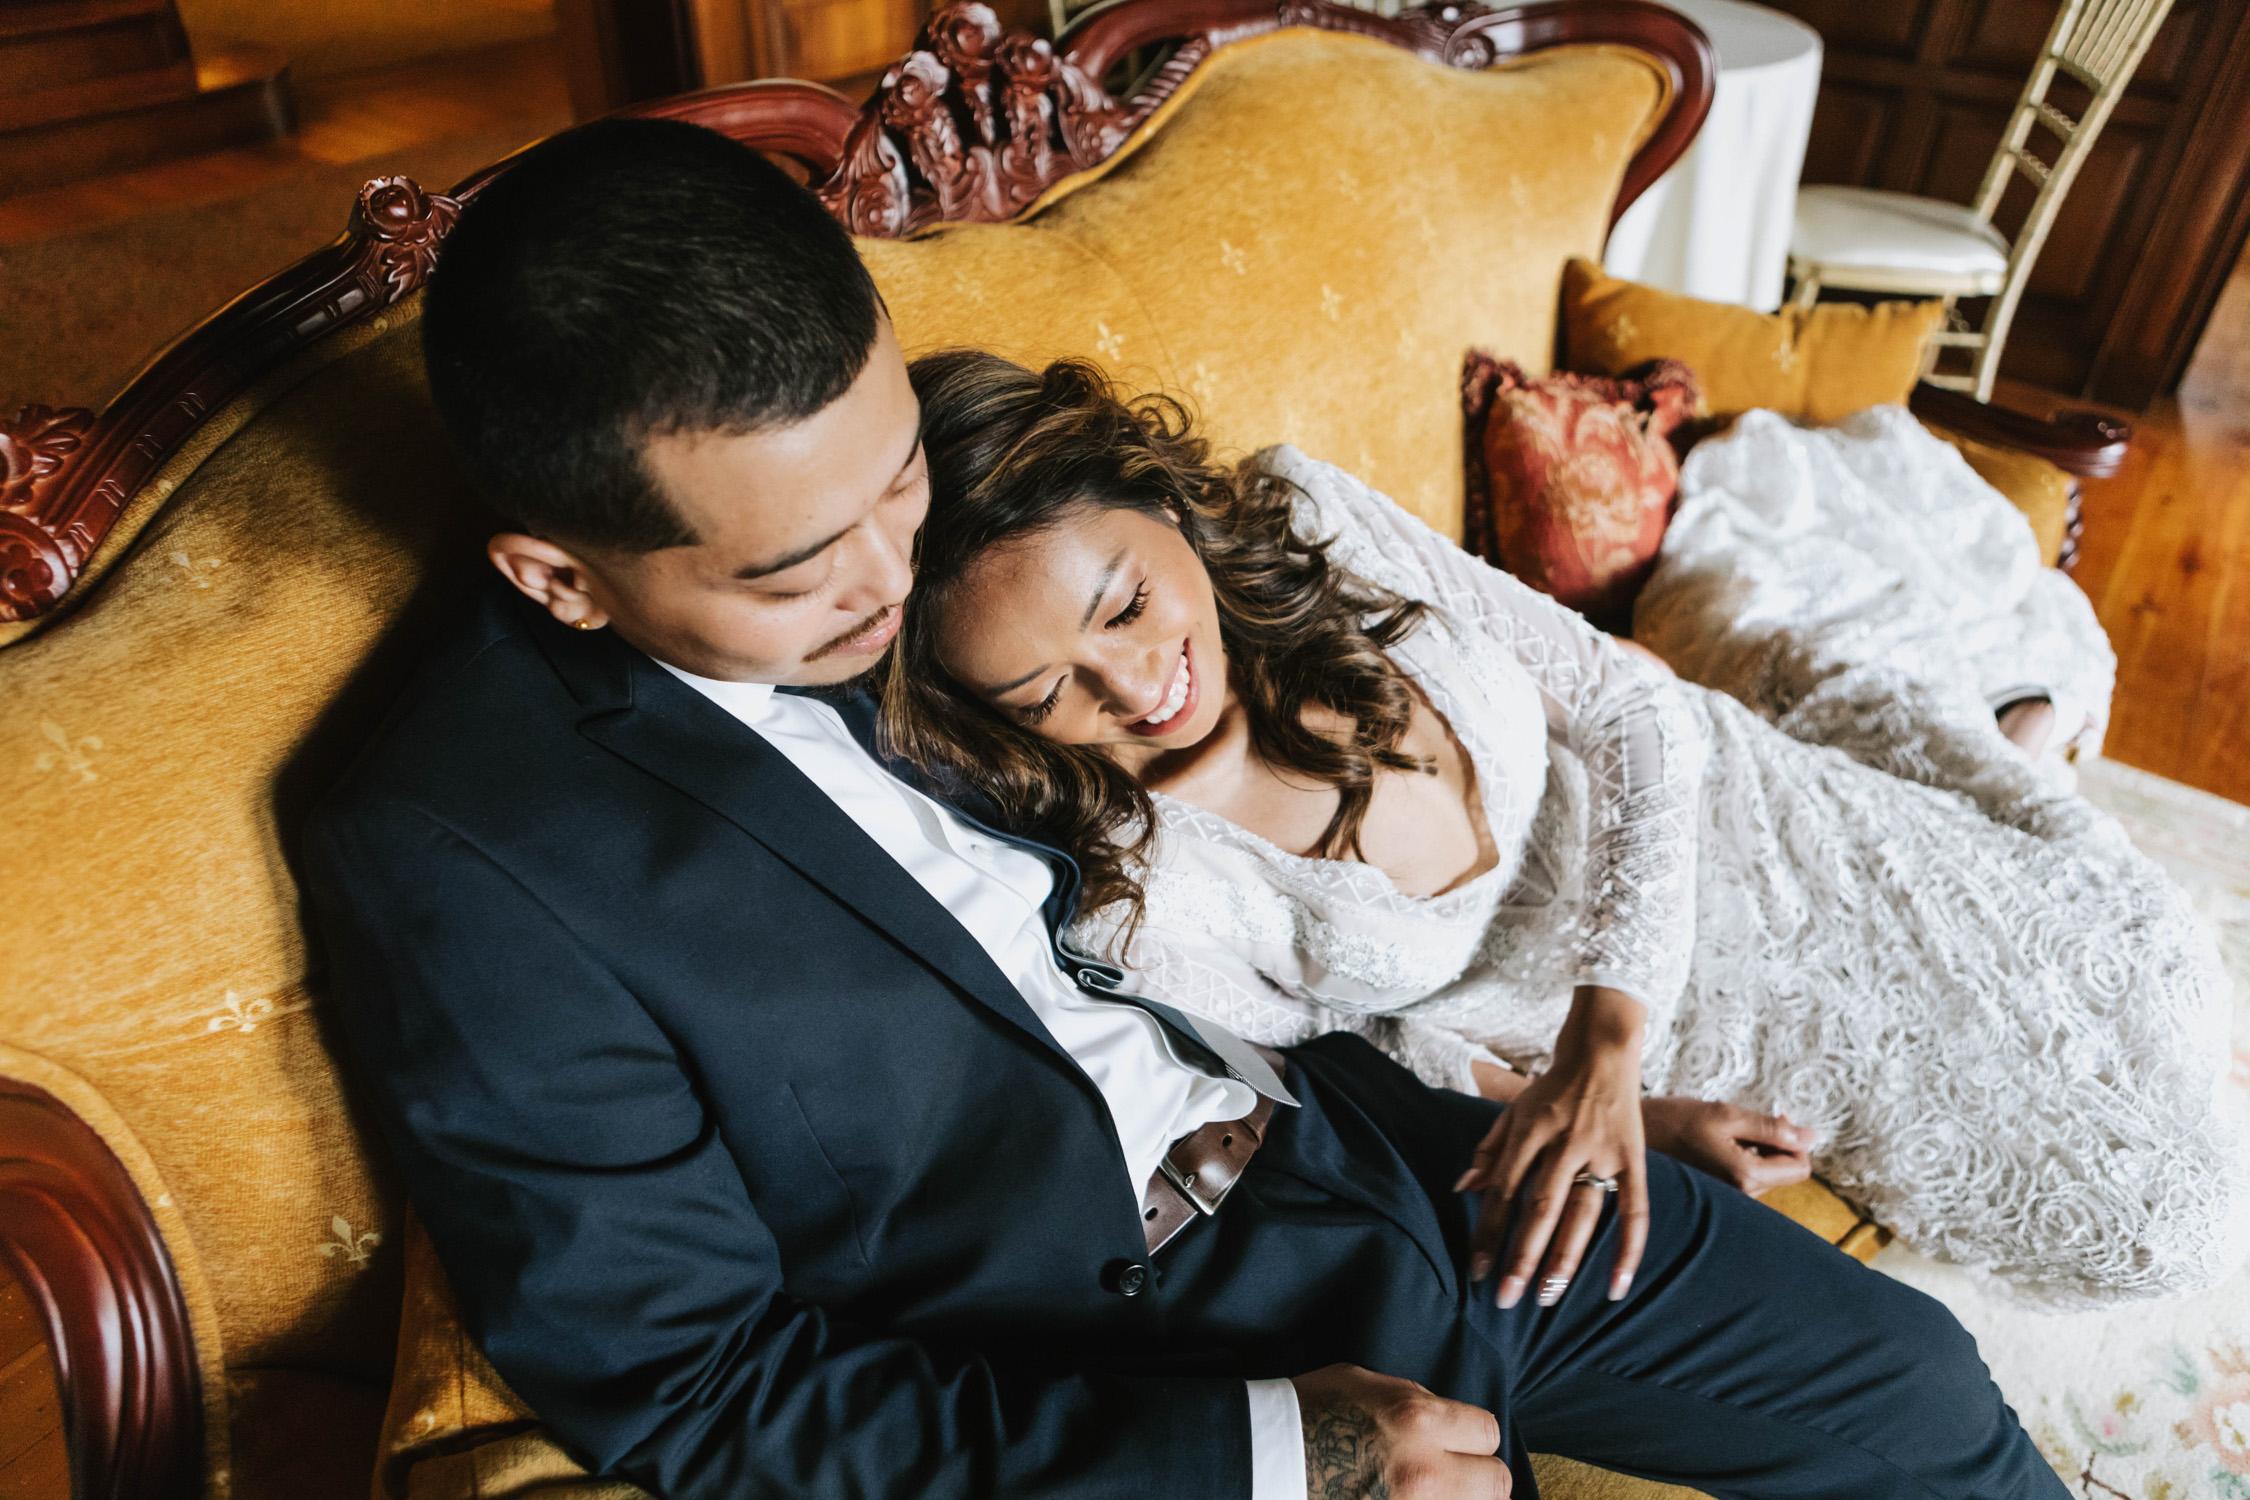 Stevens__Estate_Cambodian_Wedding_Photographer-49.jpg